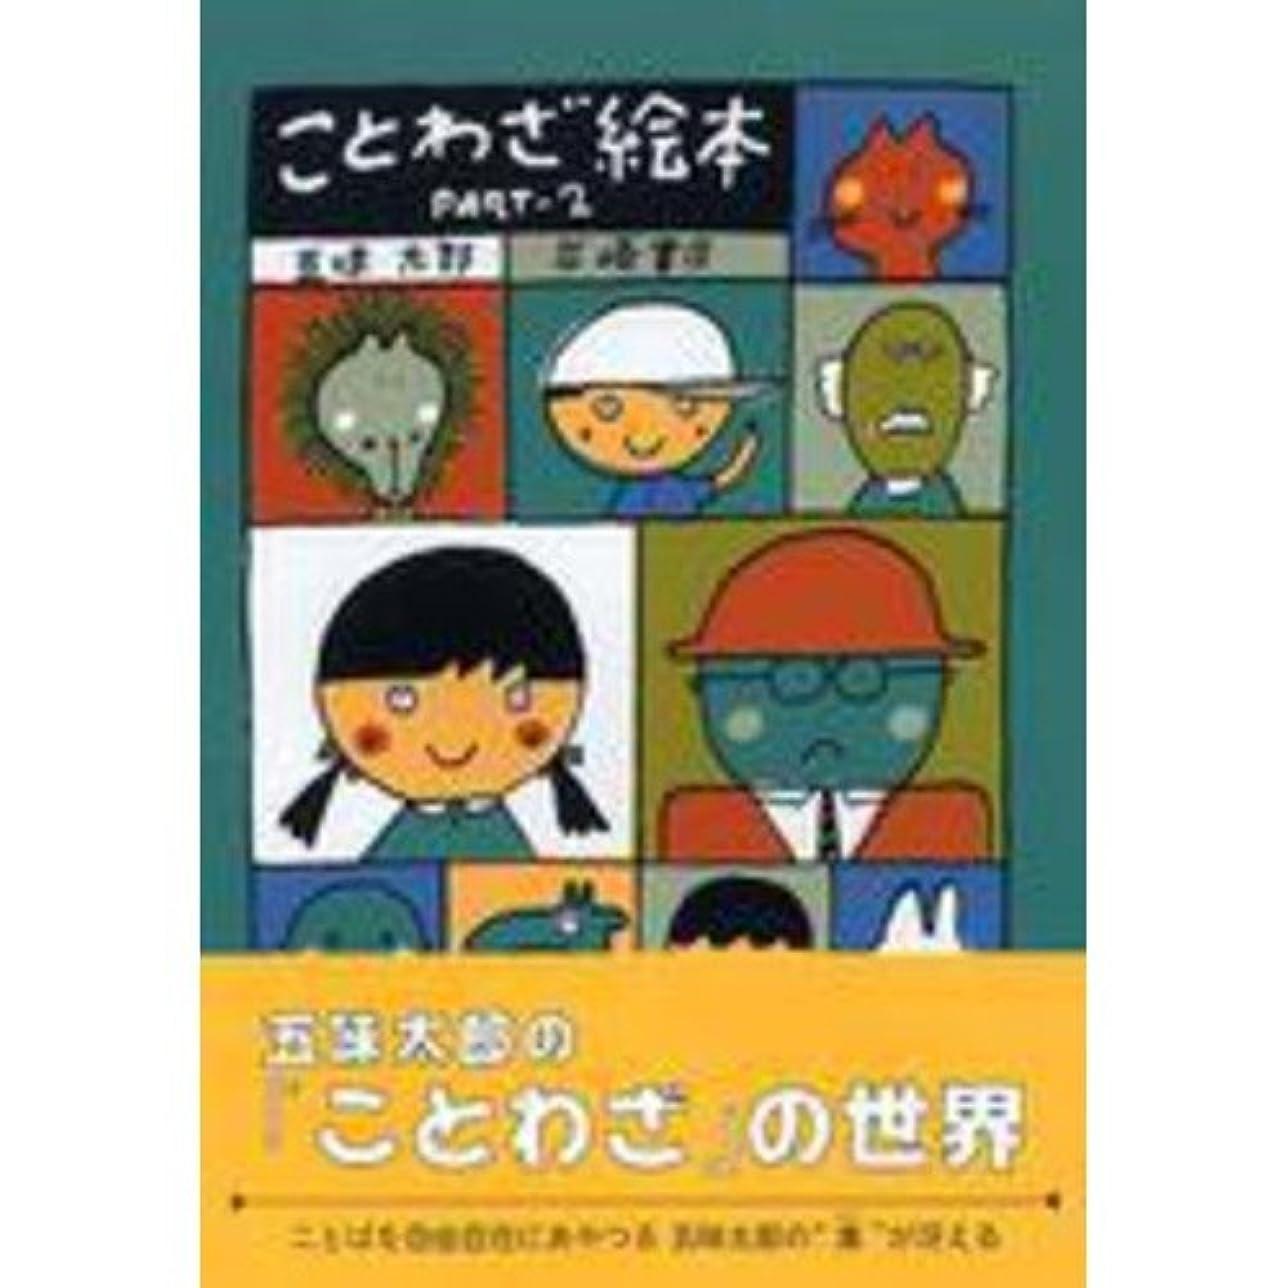 転用変換するライフル岩崎書店 ことわざ絵本 PART2 A5判